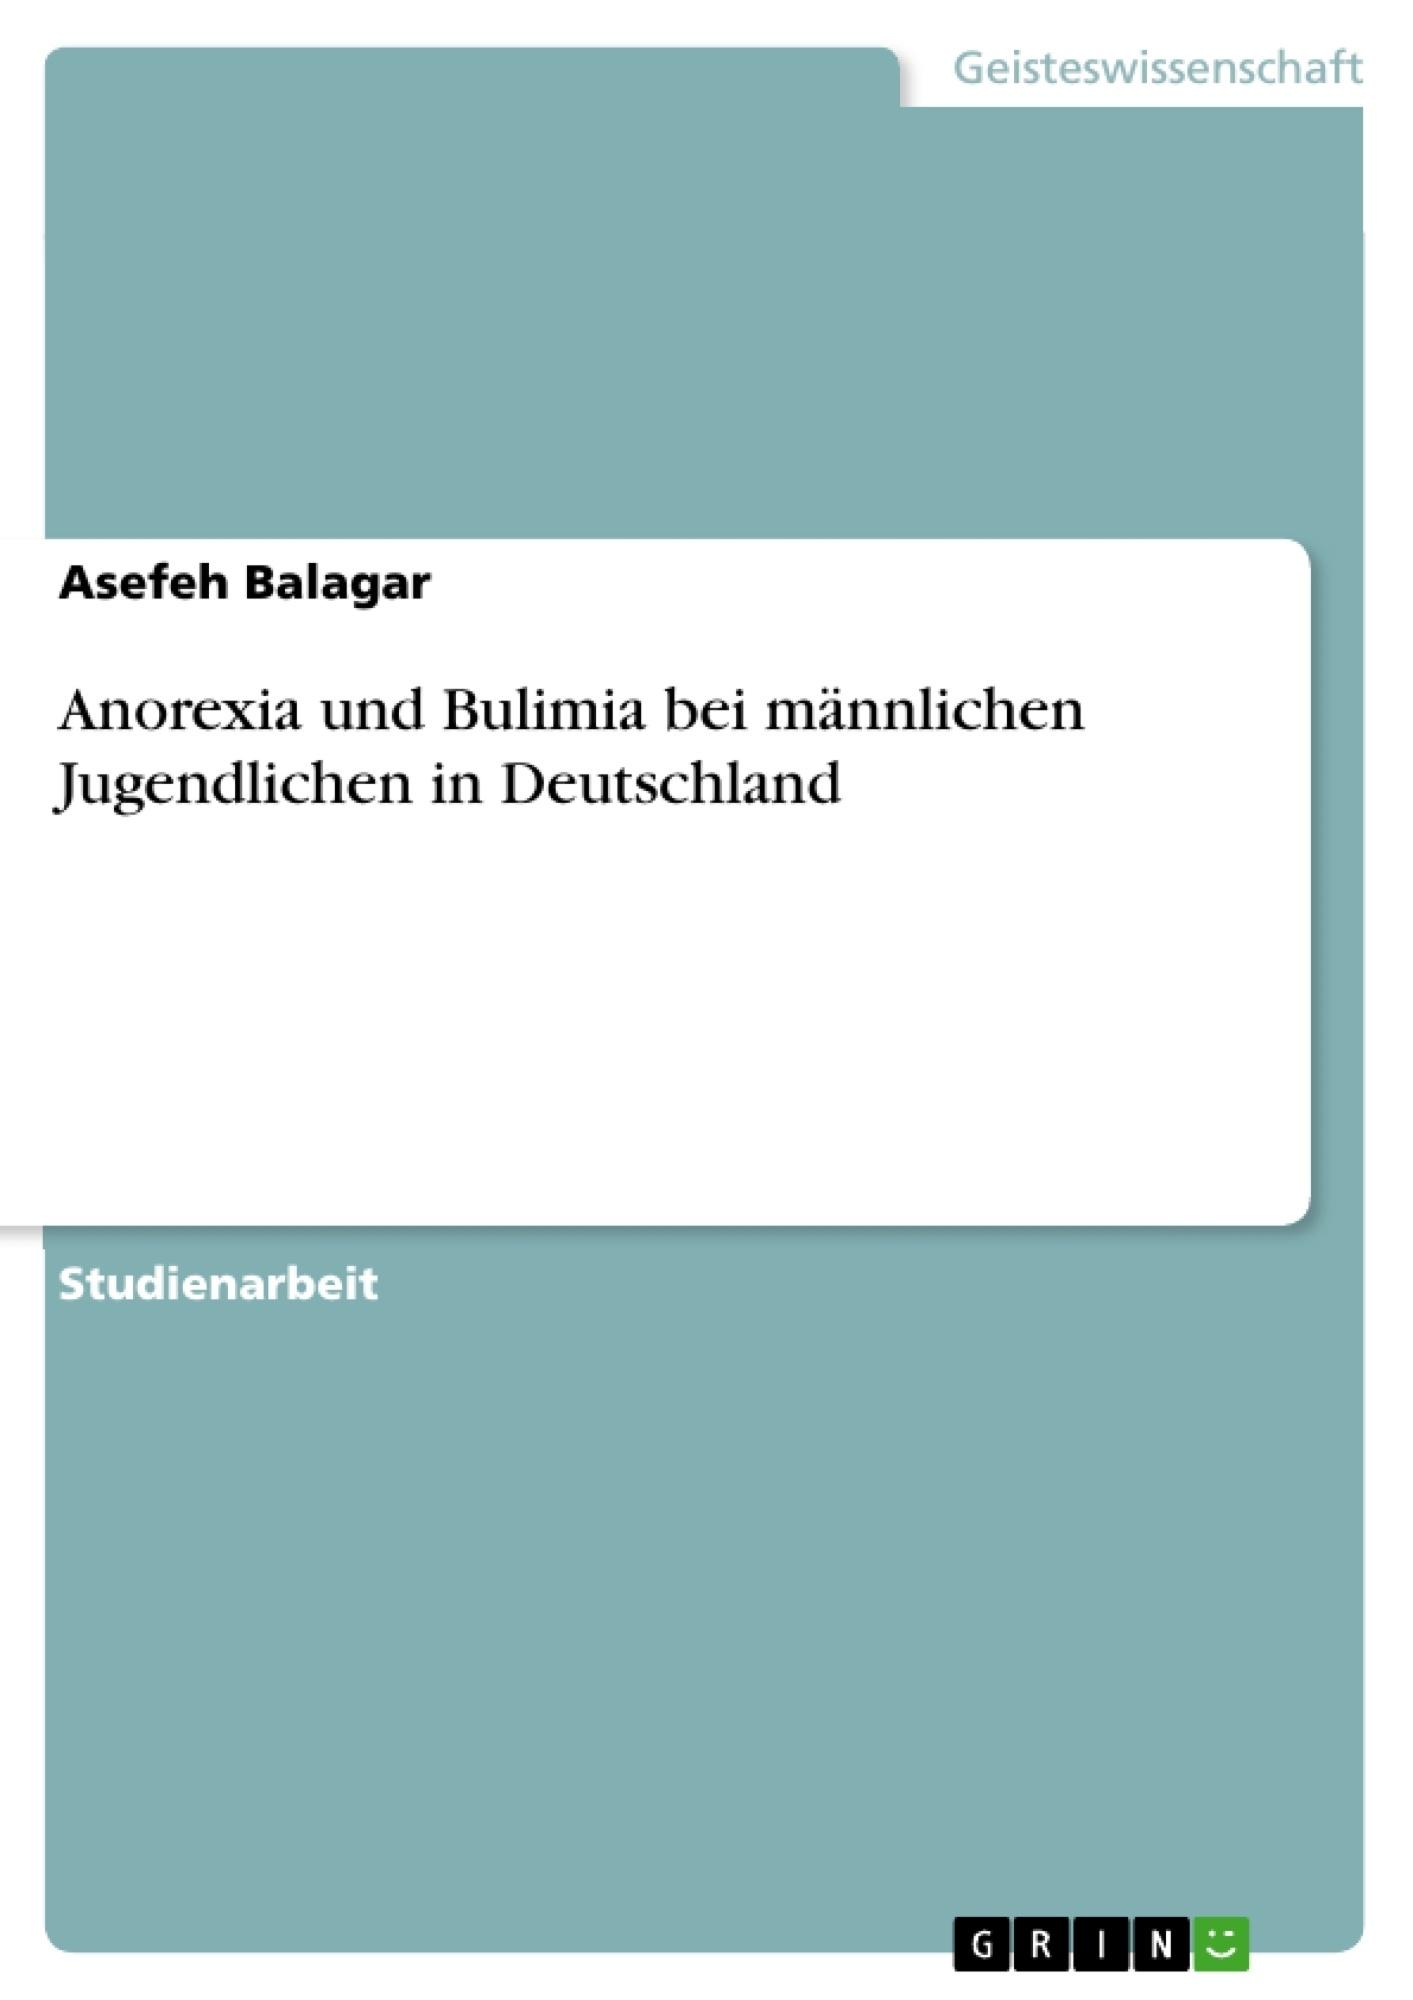 Titel: Anorexia und Bulimia bei männlichen Jugendlichen in Deutschland